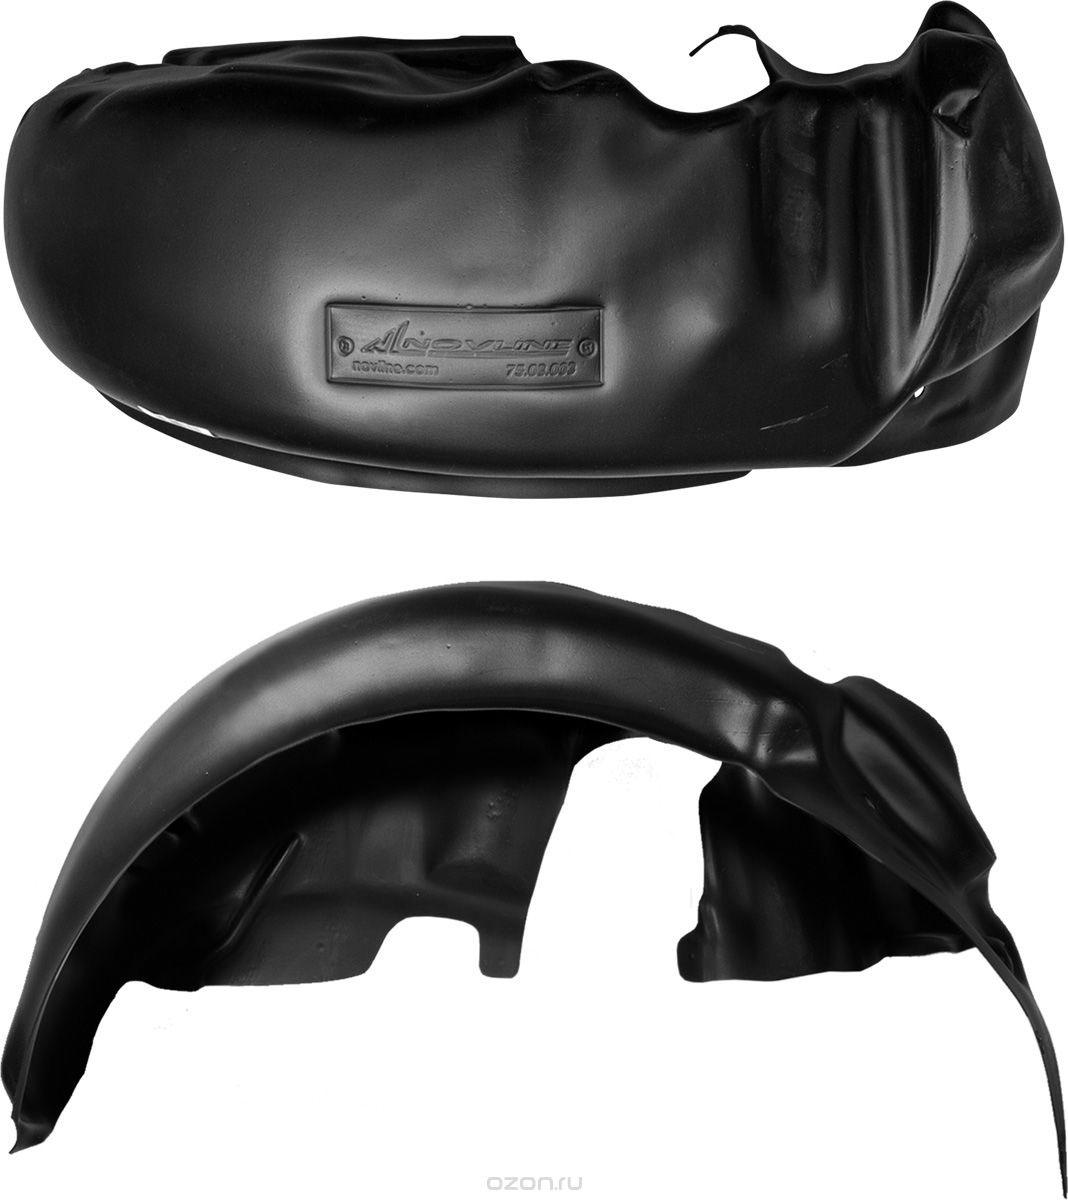 Подкрылок Novline-Autofamily, для DongFeng S30, 03/2014->, передний правыйNLL.96.02.002Идеальная защита колесной ниши. Локеры разработаны с применением цифровых технологий, гарантируют максимальную повторяемость поверхности арки. Изделия устанавливаются без нарушения лакокрасочного покрытия автомобиля, каждый подкрылок комплектуется крепежом. Уважаемые клиенты, обращаем ваше внимание, что фотографии на подкрылки универсальные и не отражают реальную форму изделия. При этом само изделие идет точно под размер указанного автомобиля.